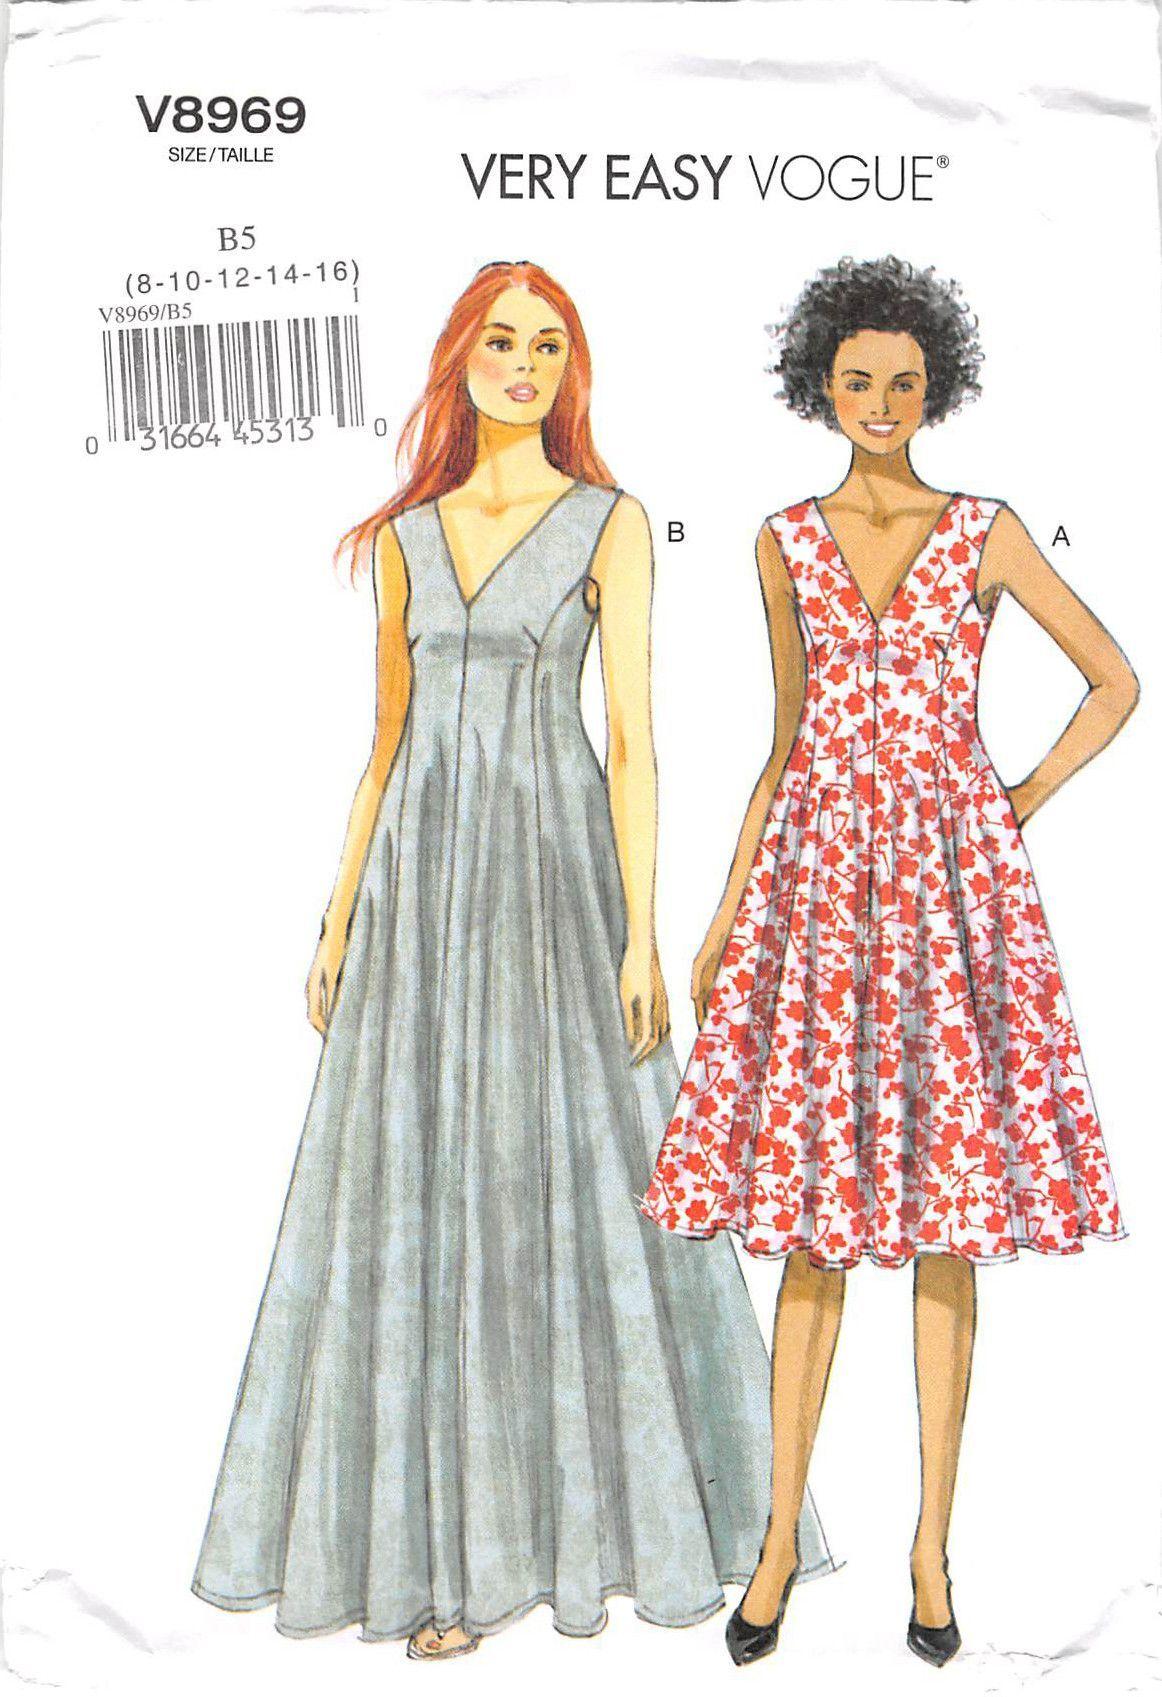 VOGUE 8969 - FROM 2014 - UNCUT - MISSES DRESS